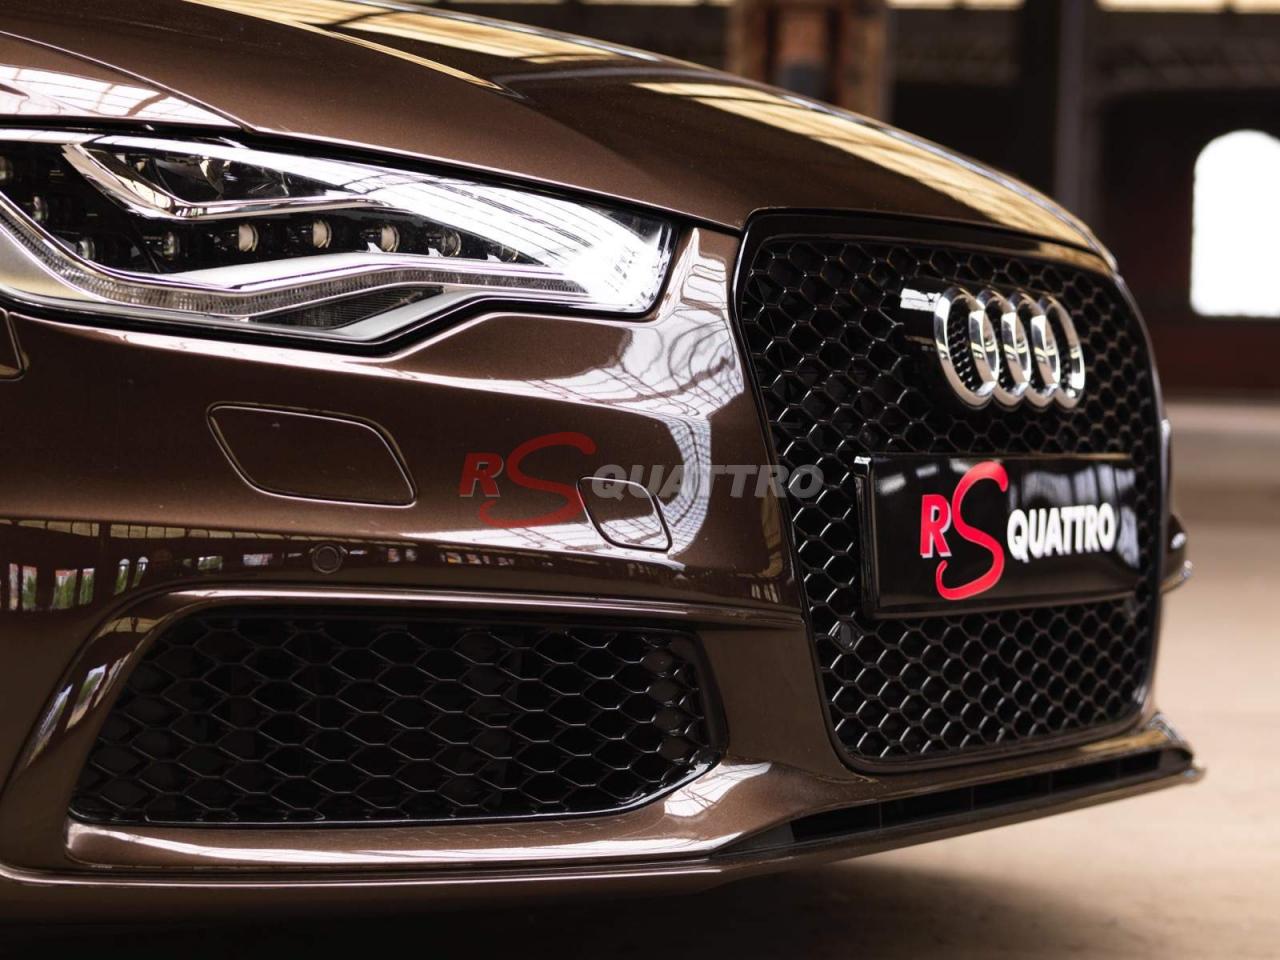 Audi A6 4g Macadamia Brown Rsquattro